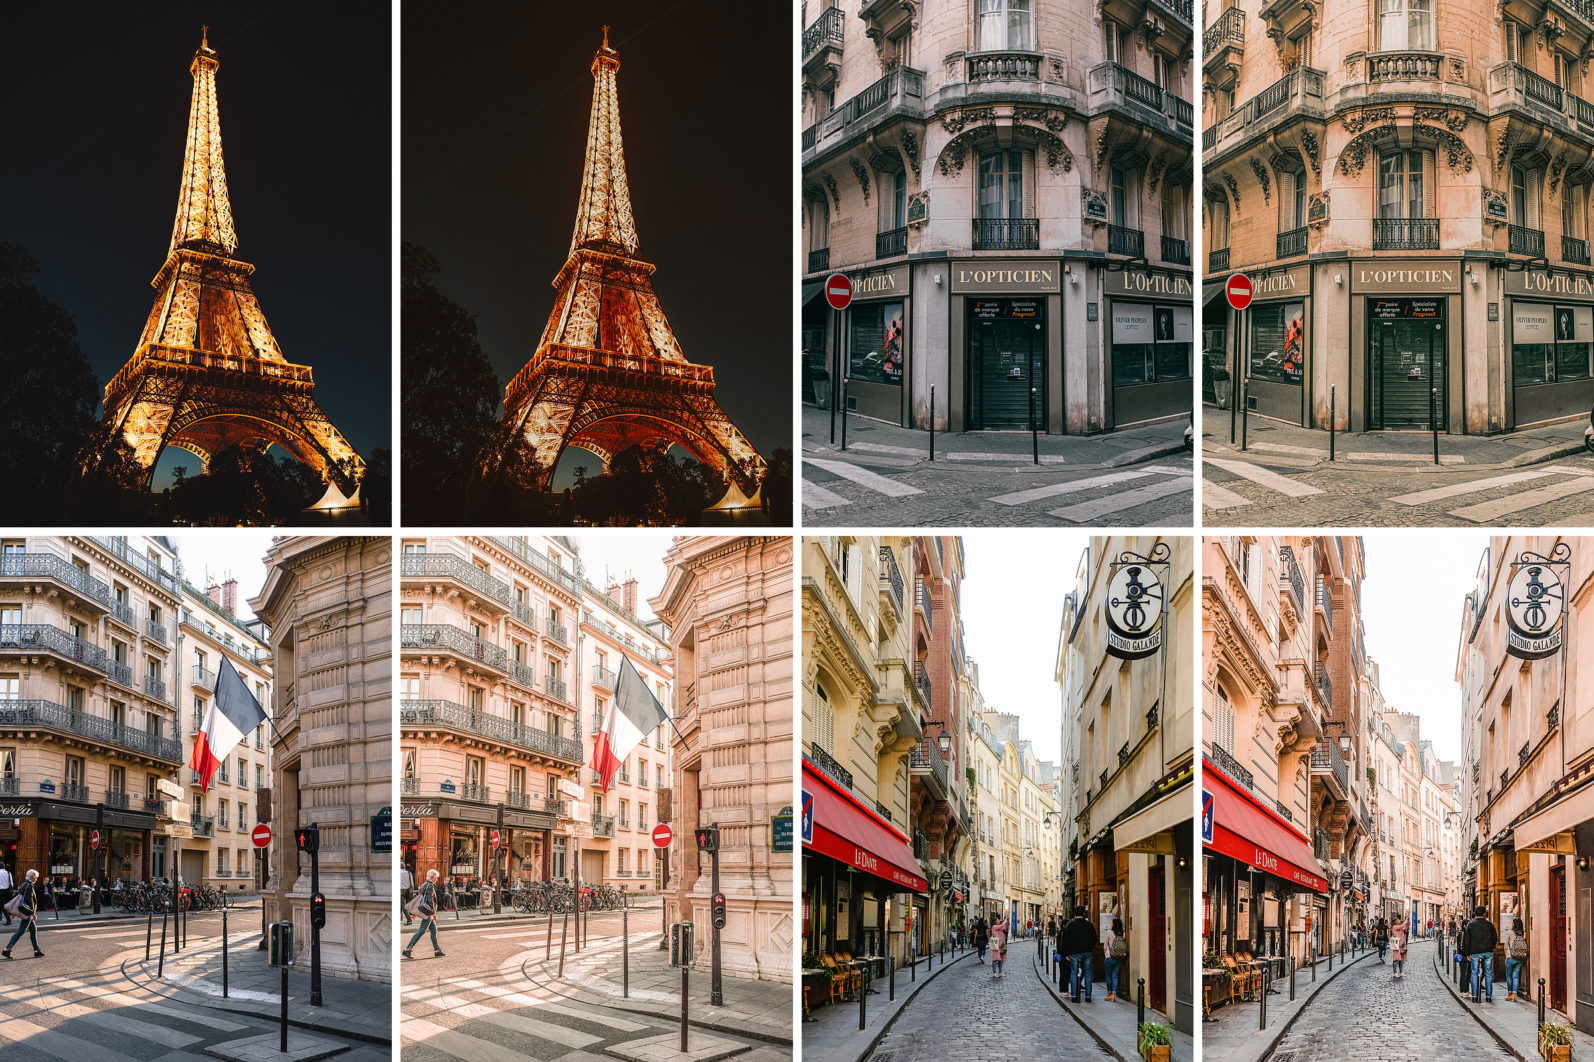 37. Life Paris - 37.LIFEPARIS 2 -